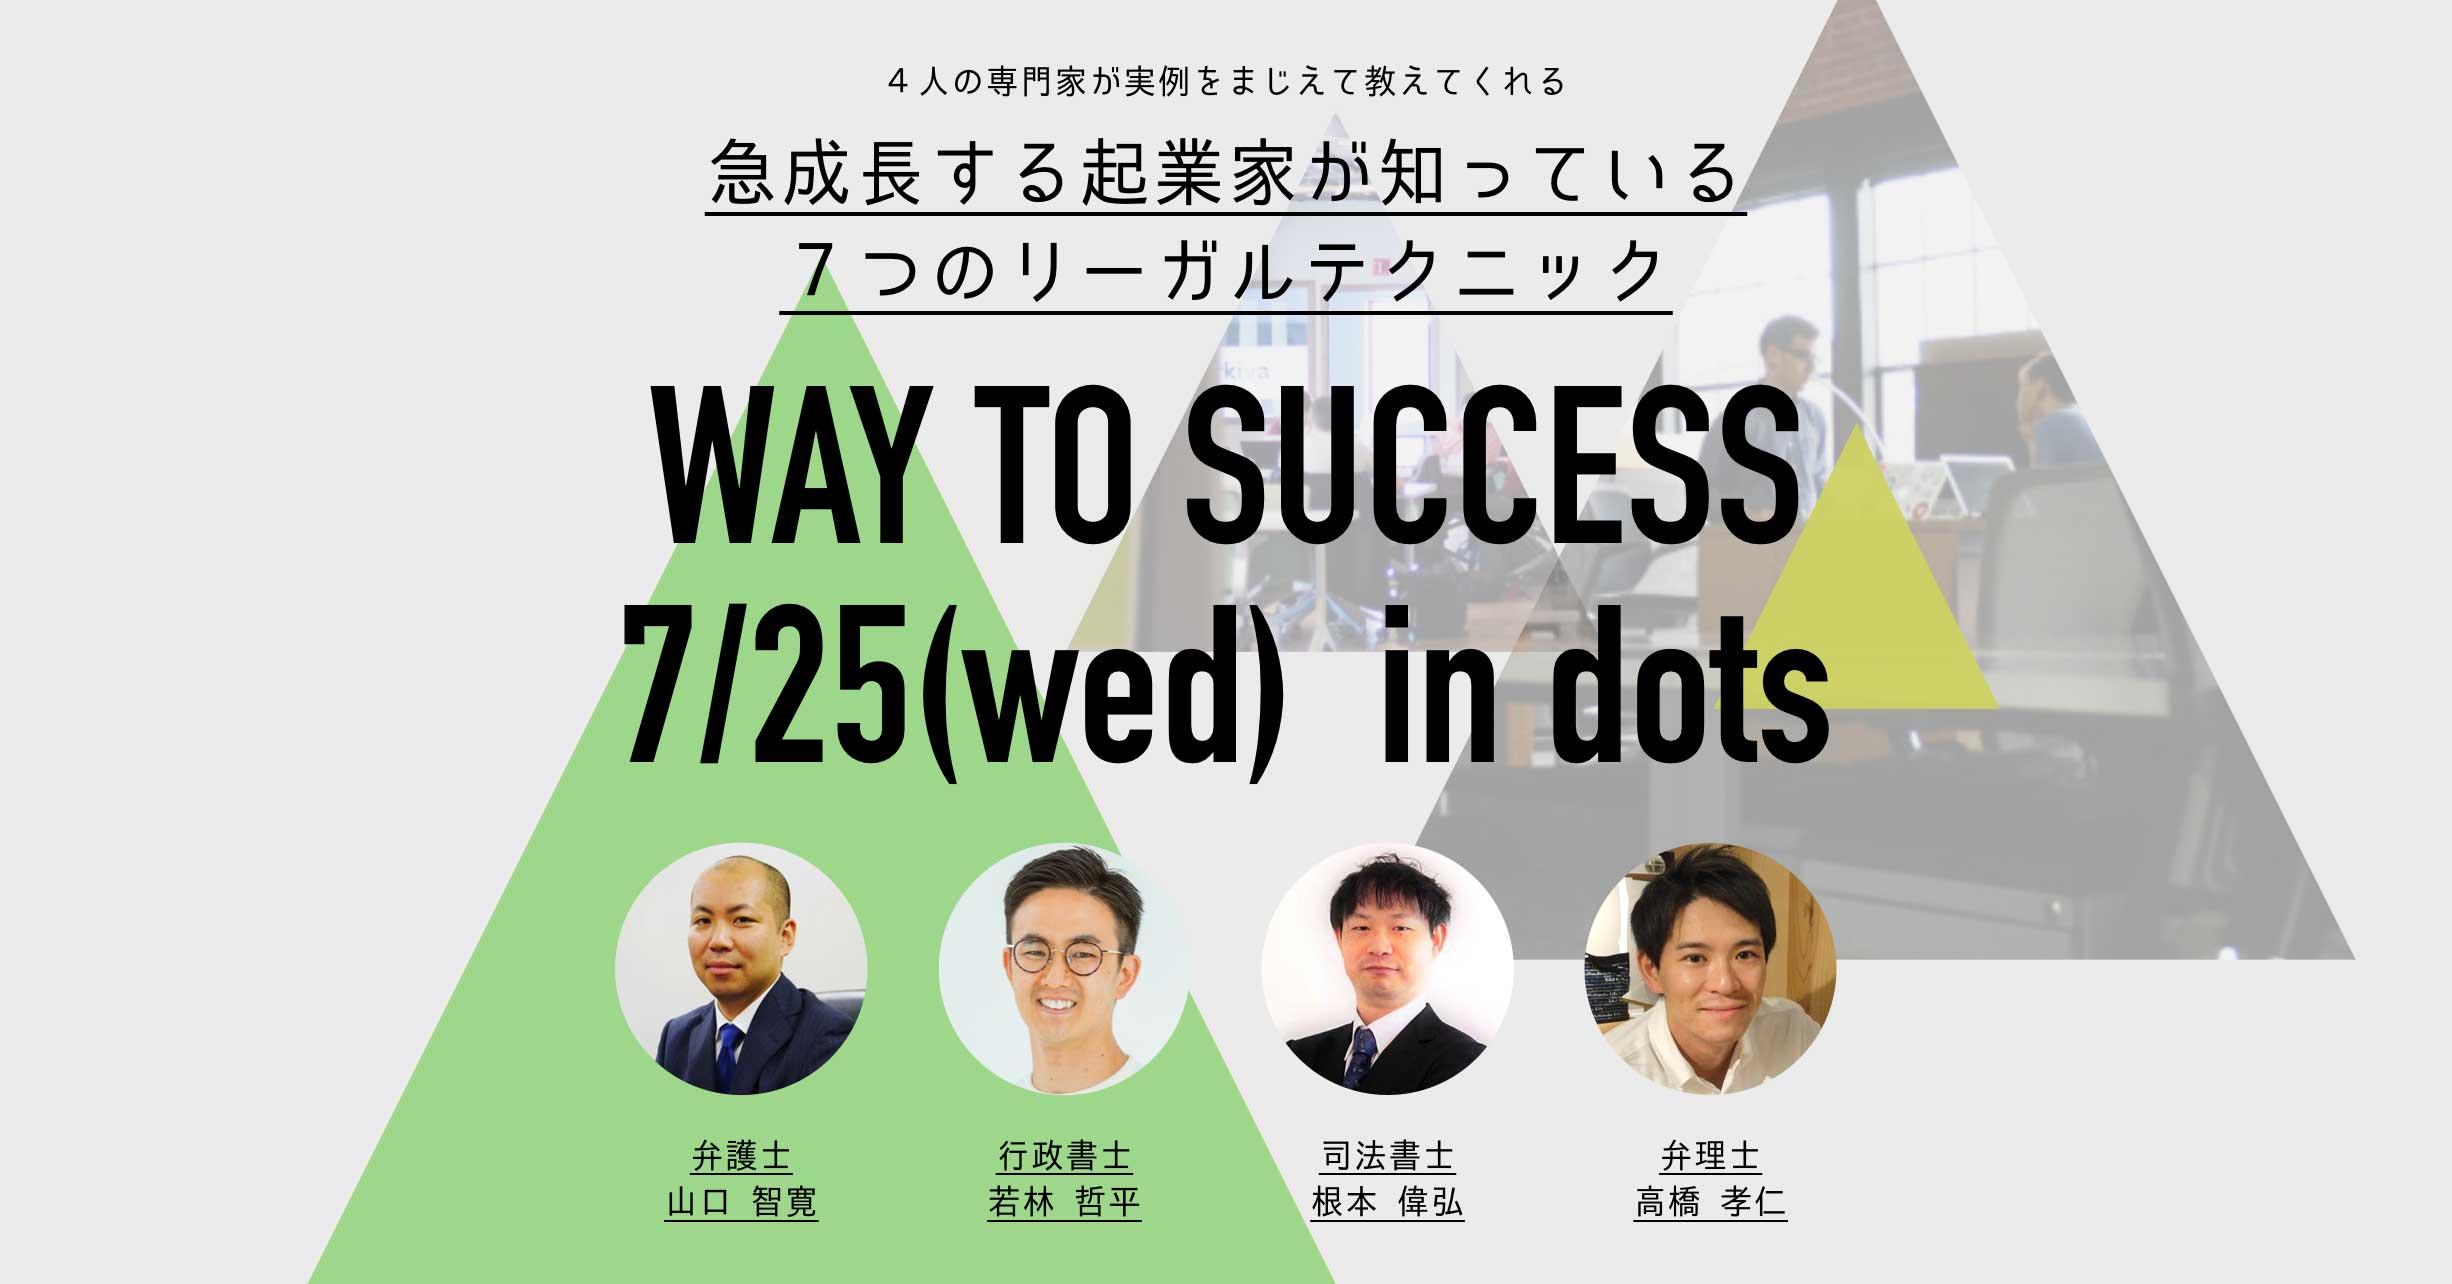 渋谷 シェアオフィス・コワーキング  【イベント情報】急成長する起業家が知っている 7つのリーガルテクニック